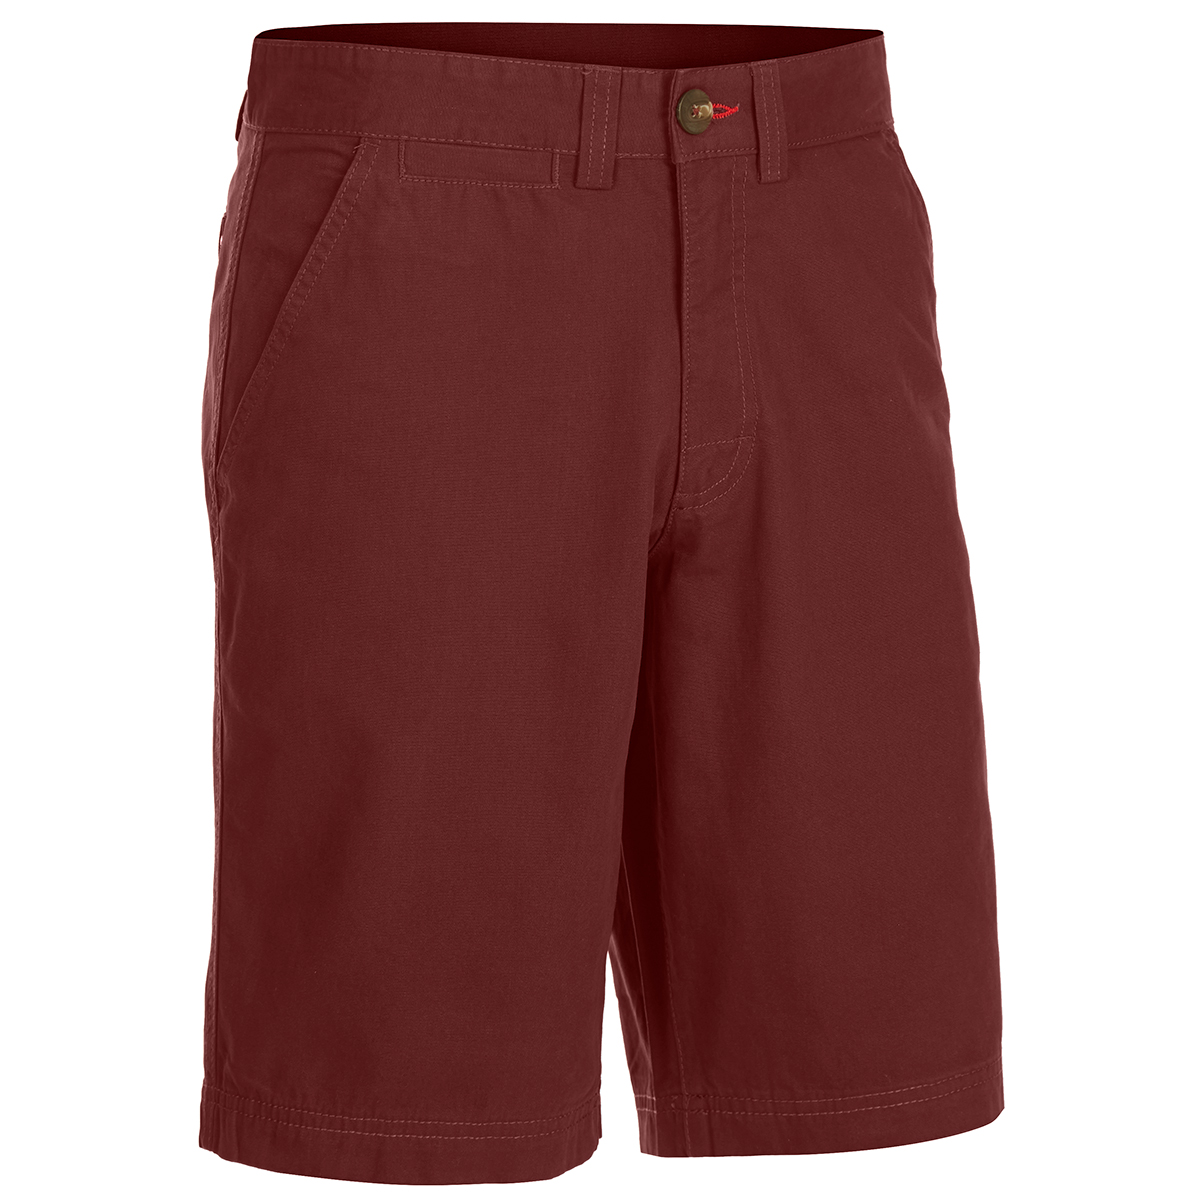 Ems Men's Ranger Shorts - Red, 32